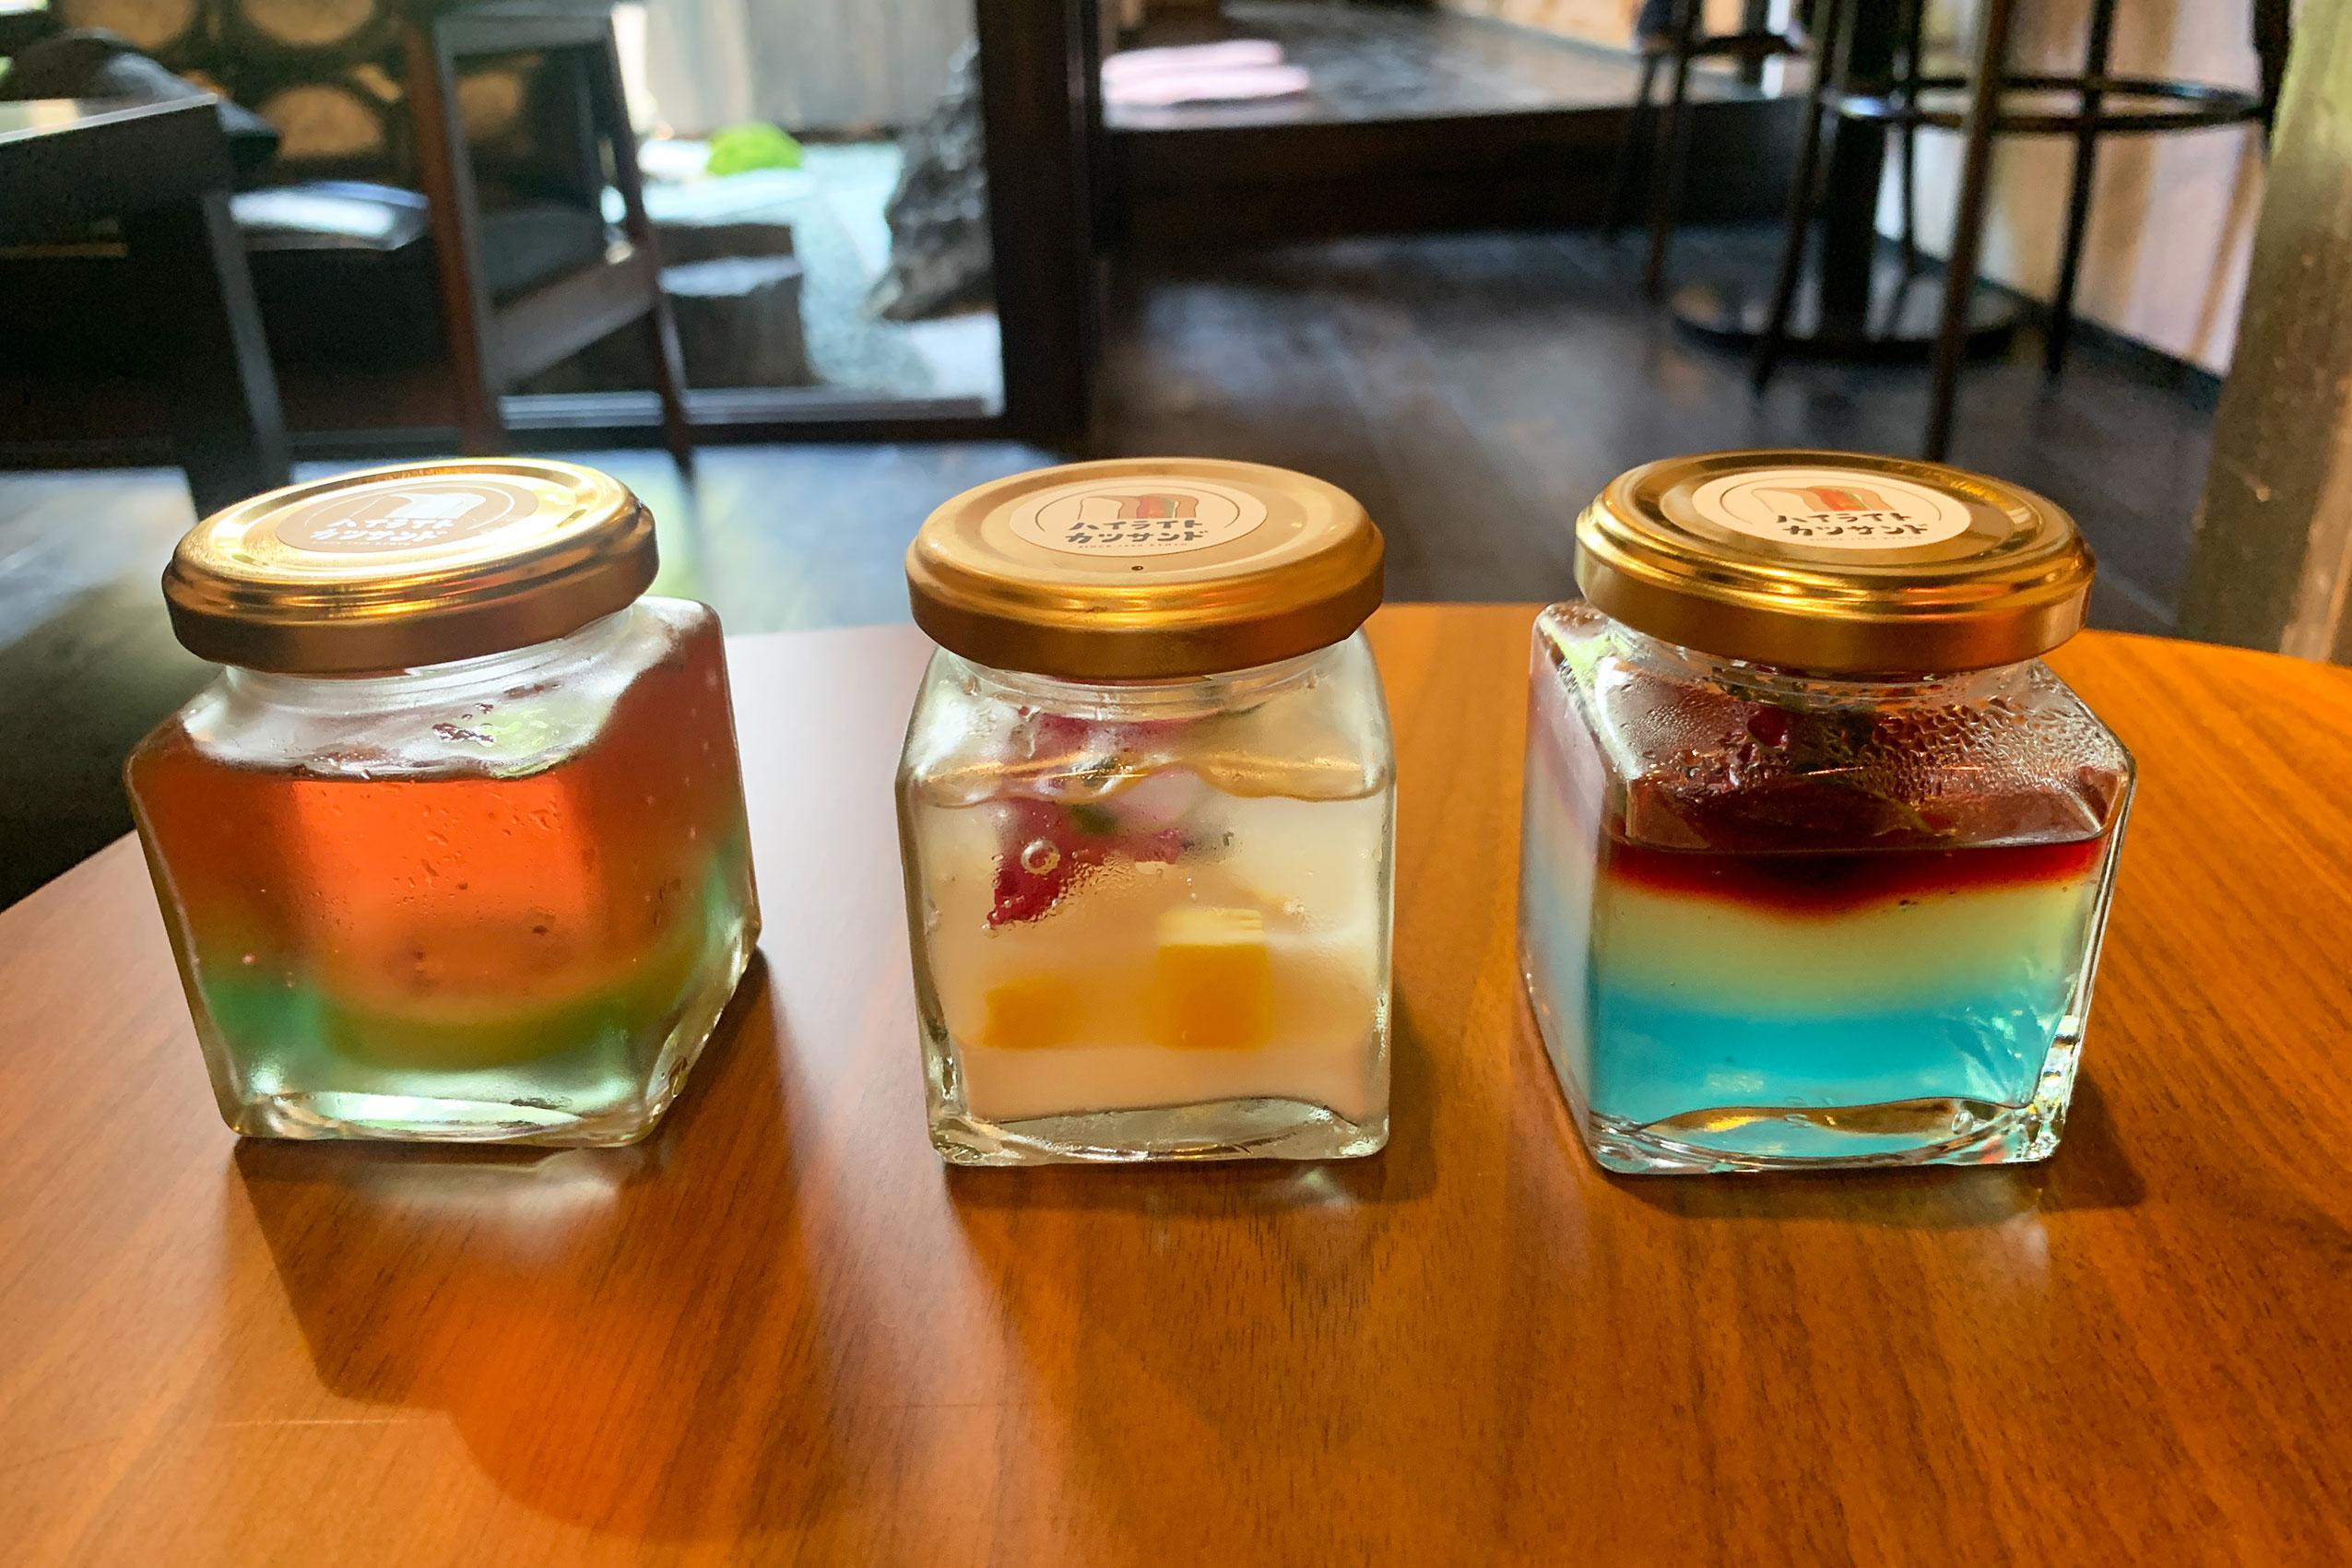 季節のゼリー450円。現在はスイカ、トロピカル、レモン&木イチゴの3種類あり